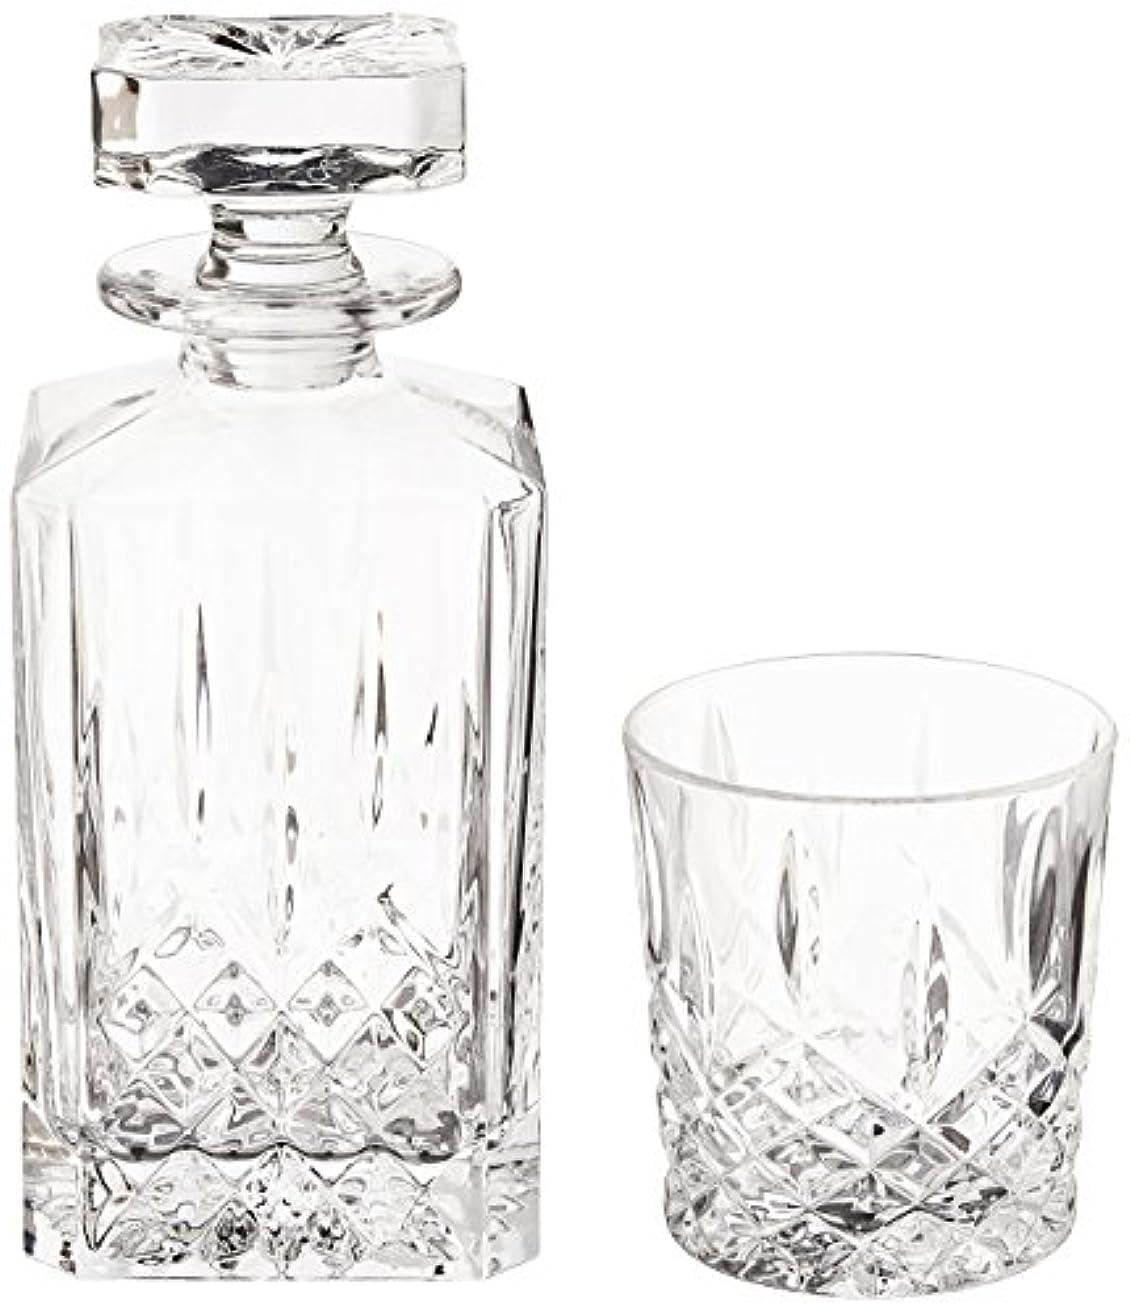 フォアタイプ晩餐大佐(Decanter Set) - Marquis by Waterford Markham 330ml Double Old Fashioned Glasses Pair and Square Decanter Set, Unleaded Crystal